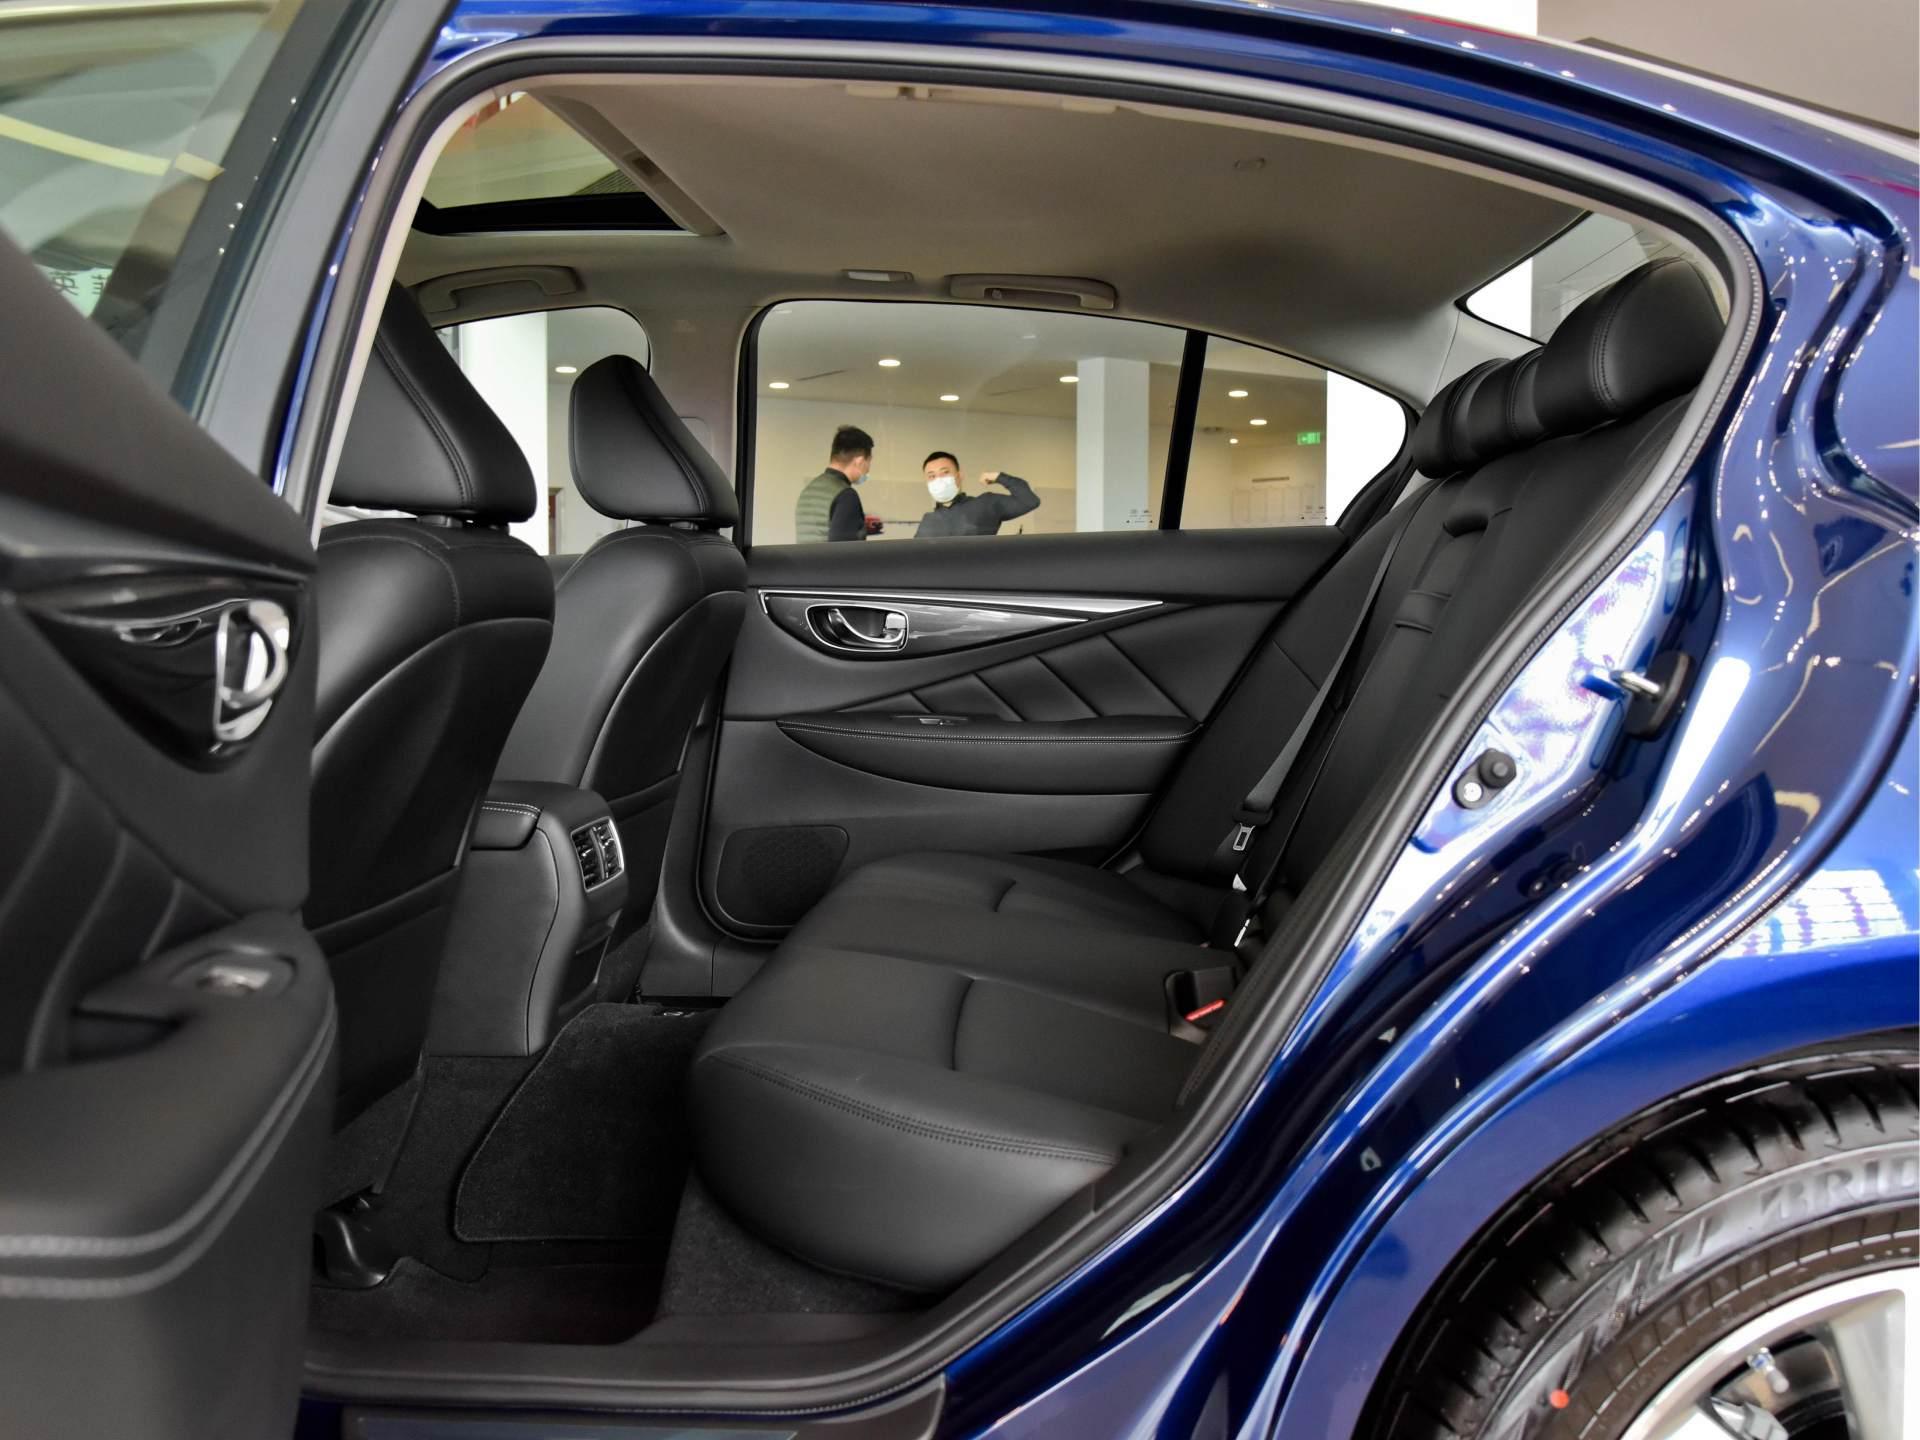 奔馳動力總成的日系豪華轎車,質感不錯,實拍英菲尼迪Q50L-圖7